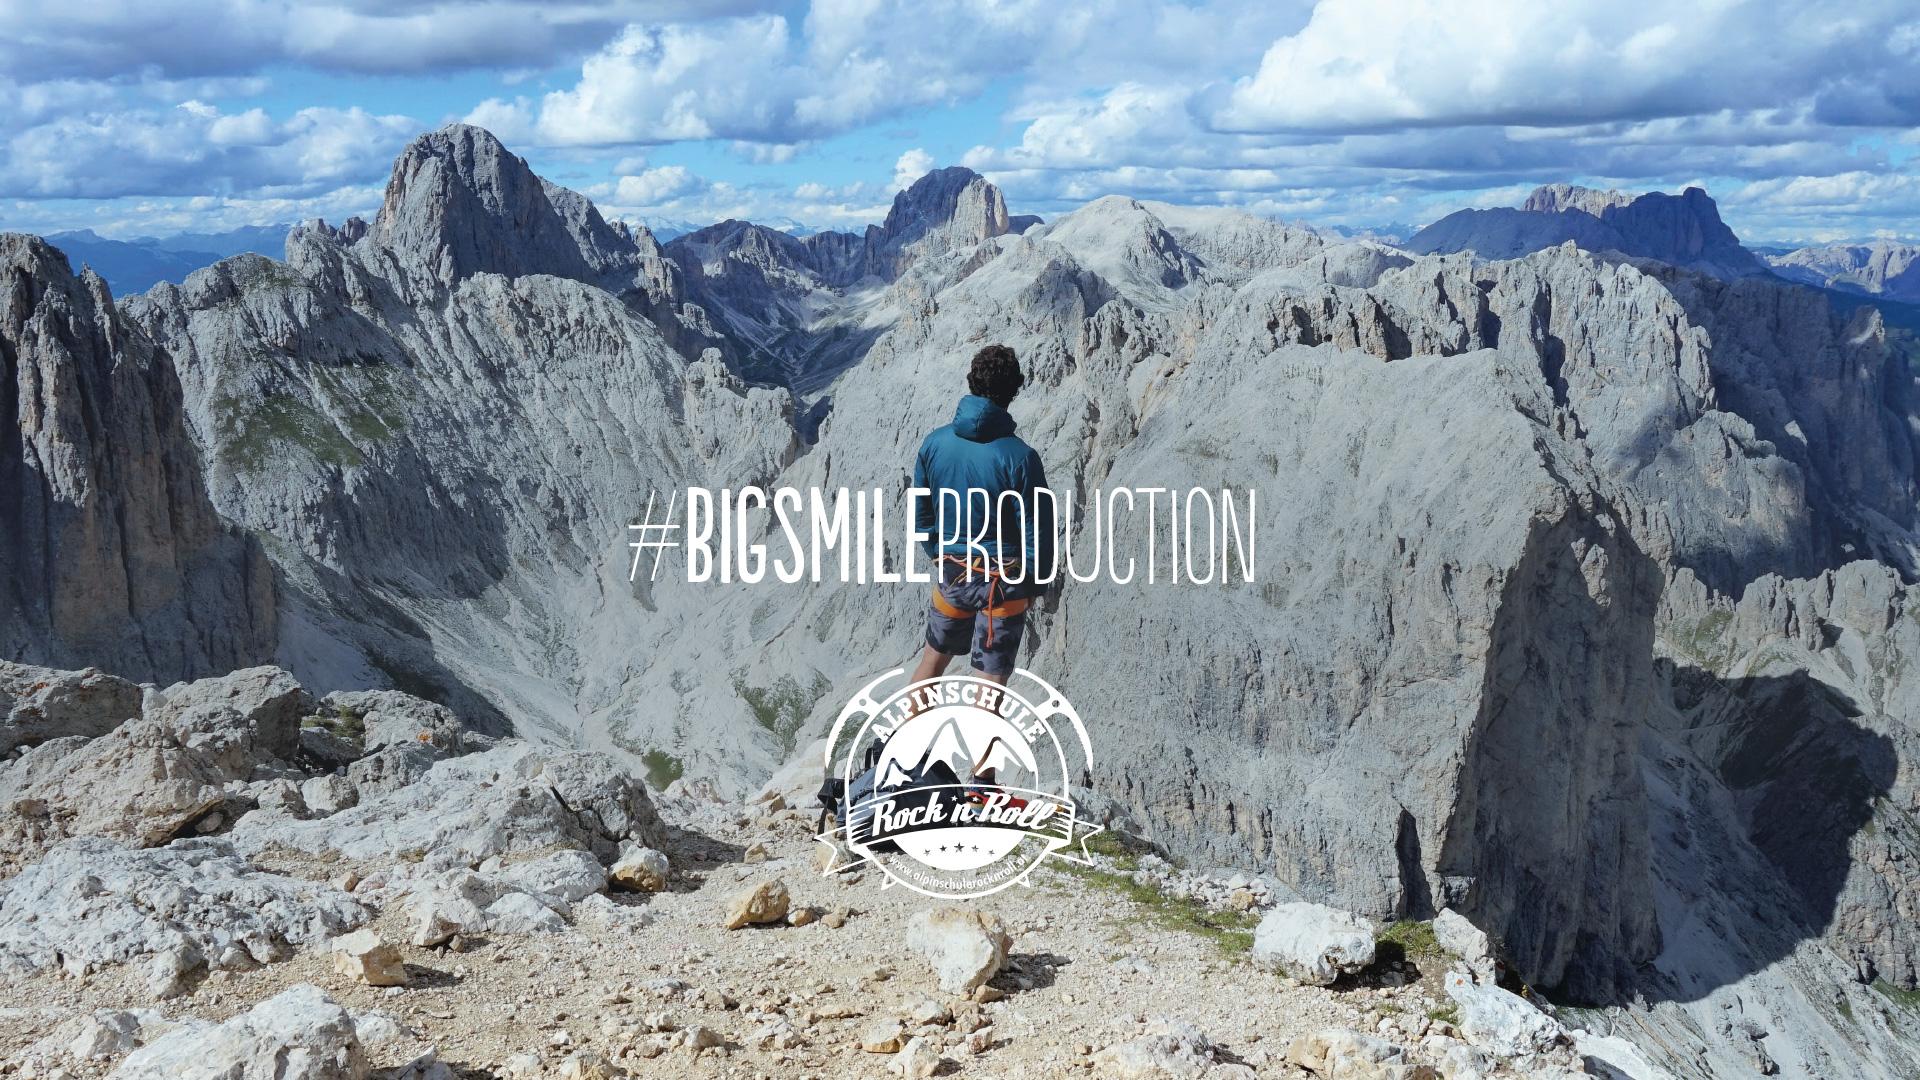 Bigsmileproduction